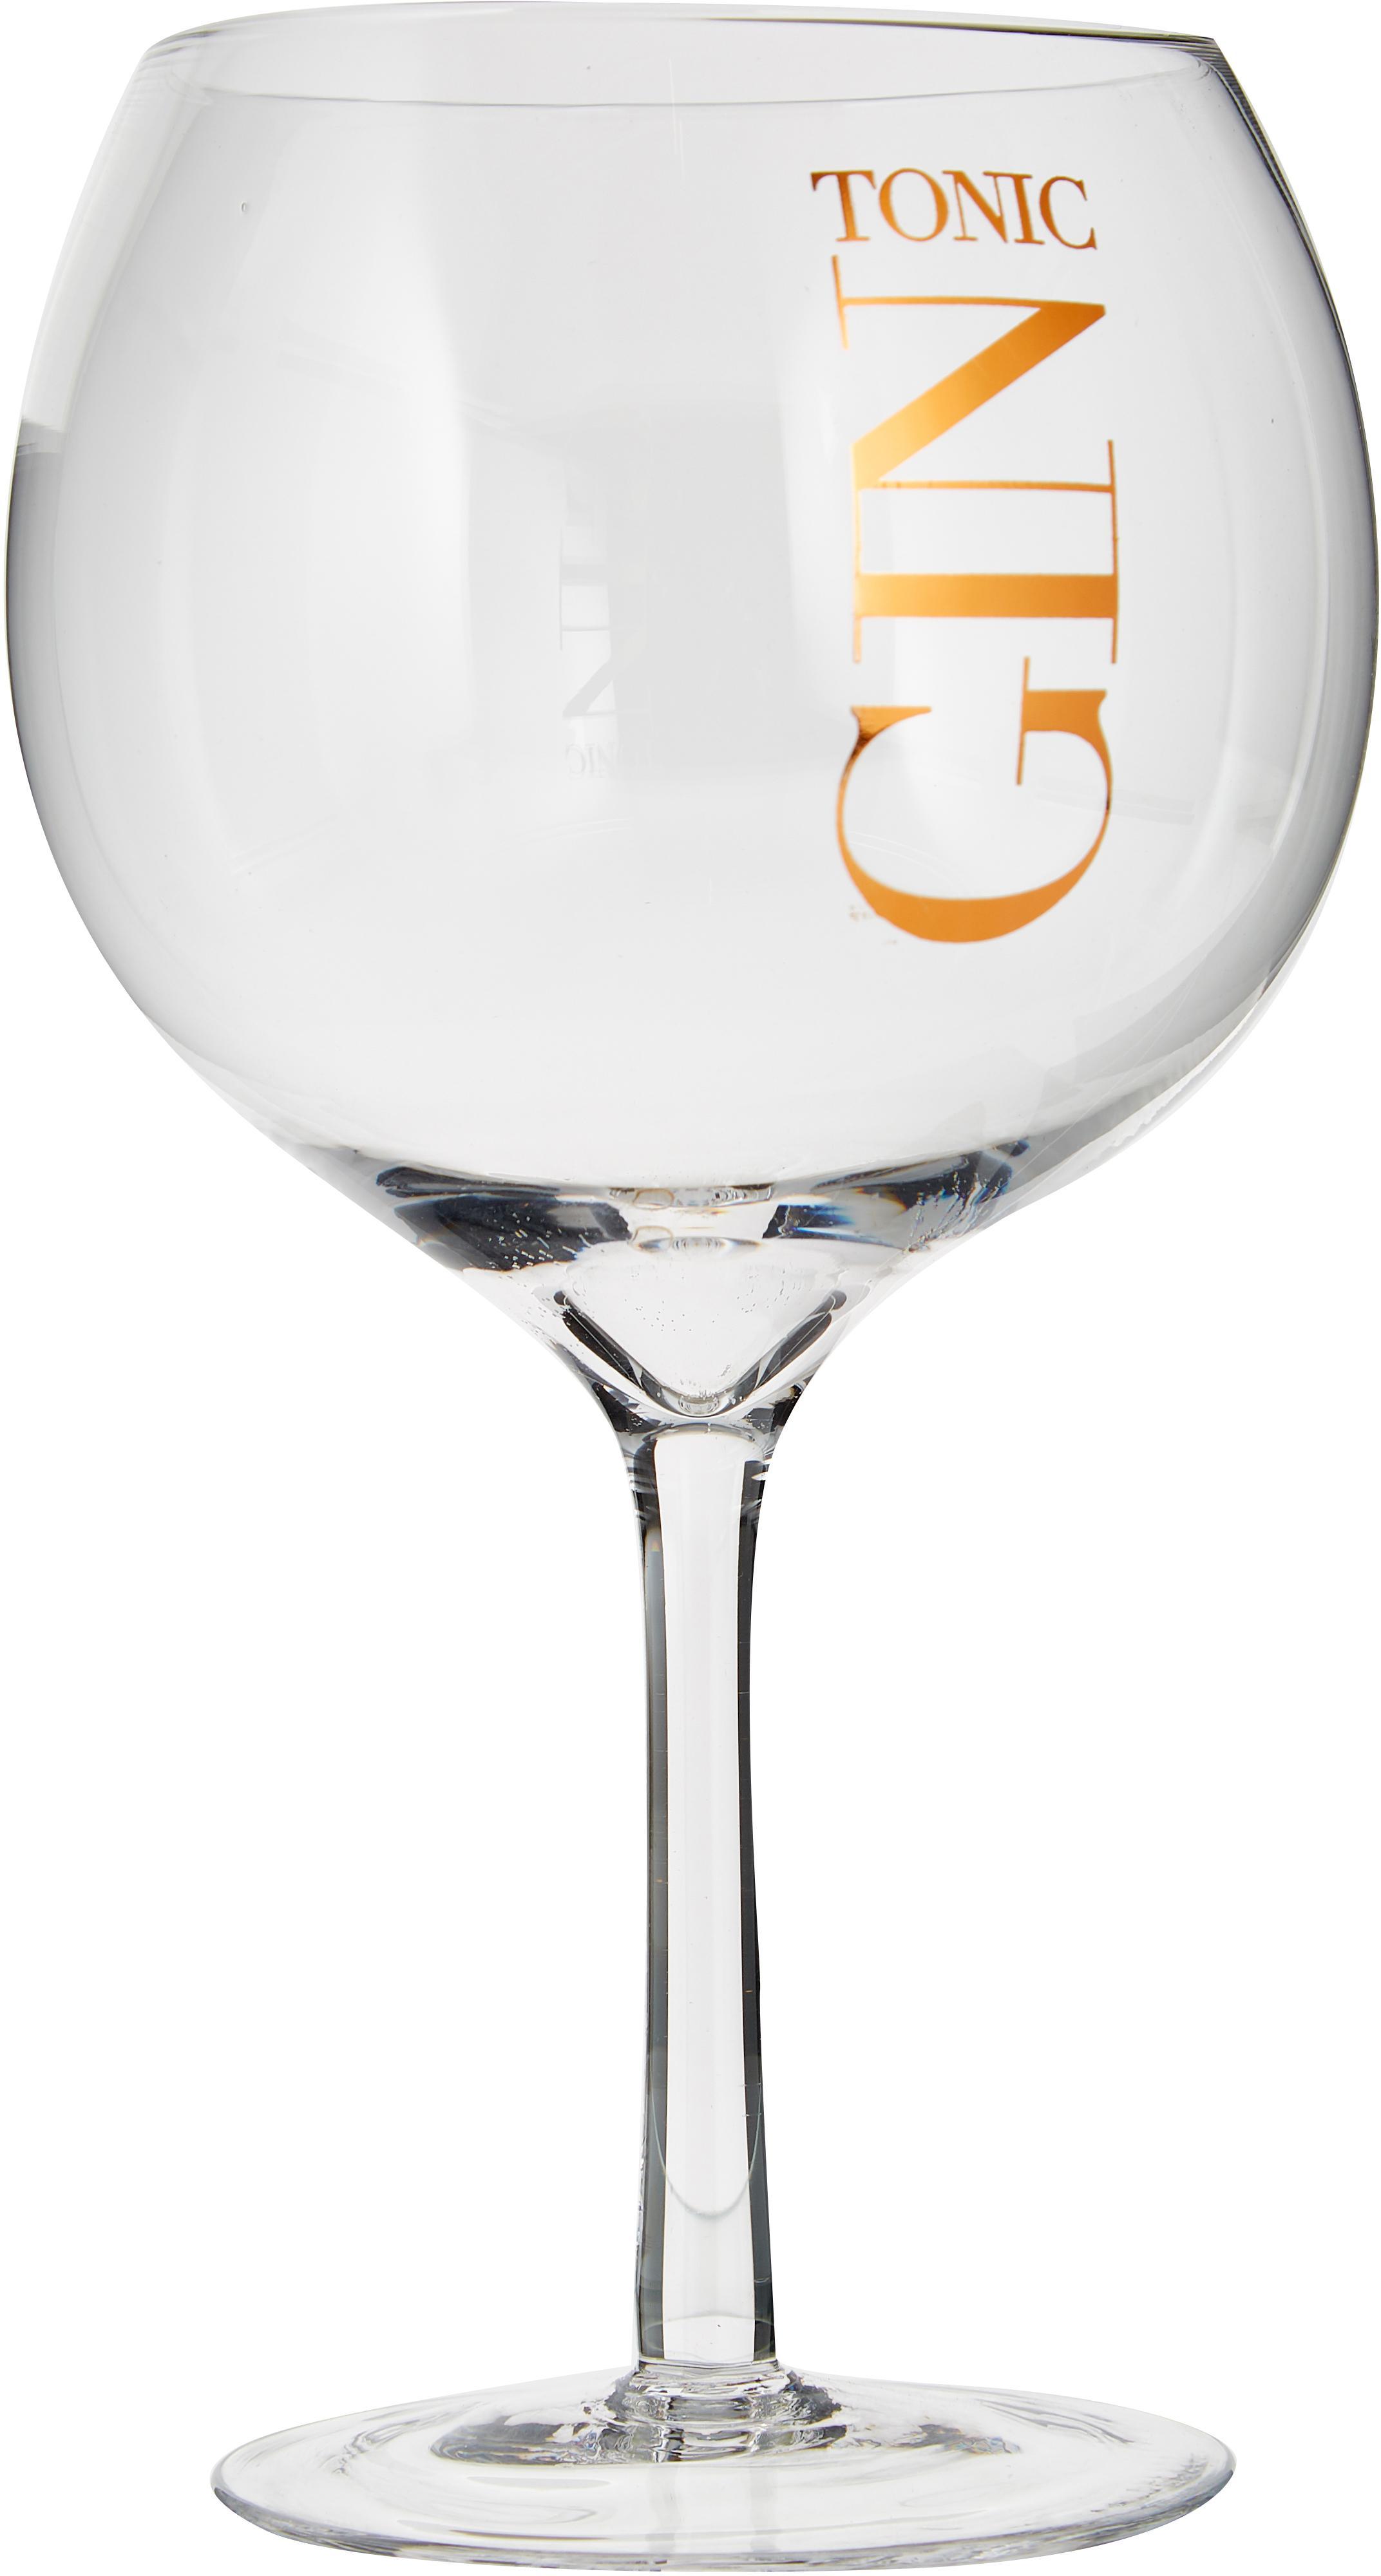 Gin Tonic Gläser mit Aufschrift, 6 Stück, Glas, Transparent, Kupferfarben, Ø 12 x H 22 cm